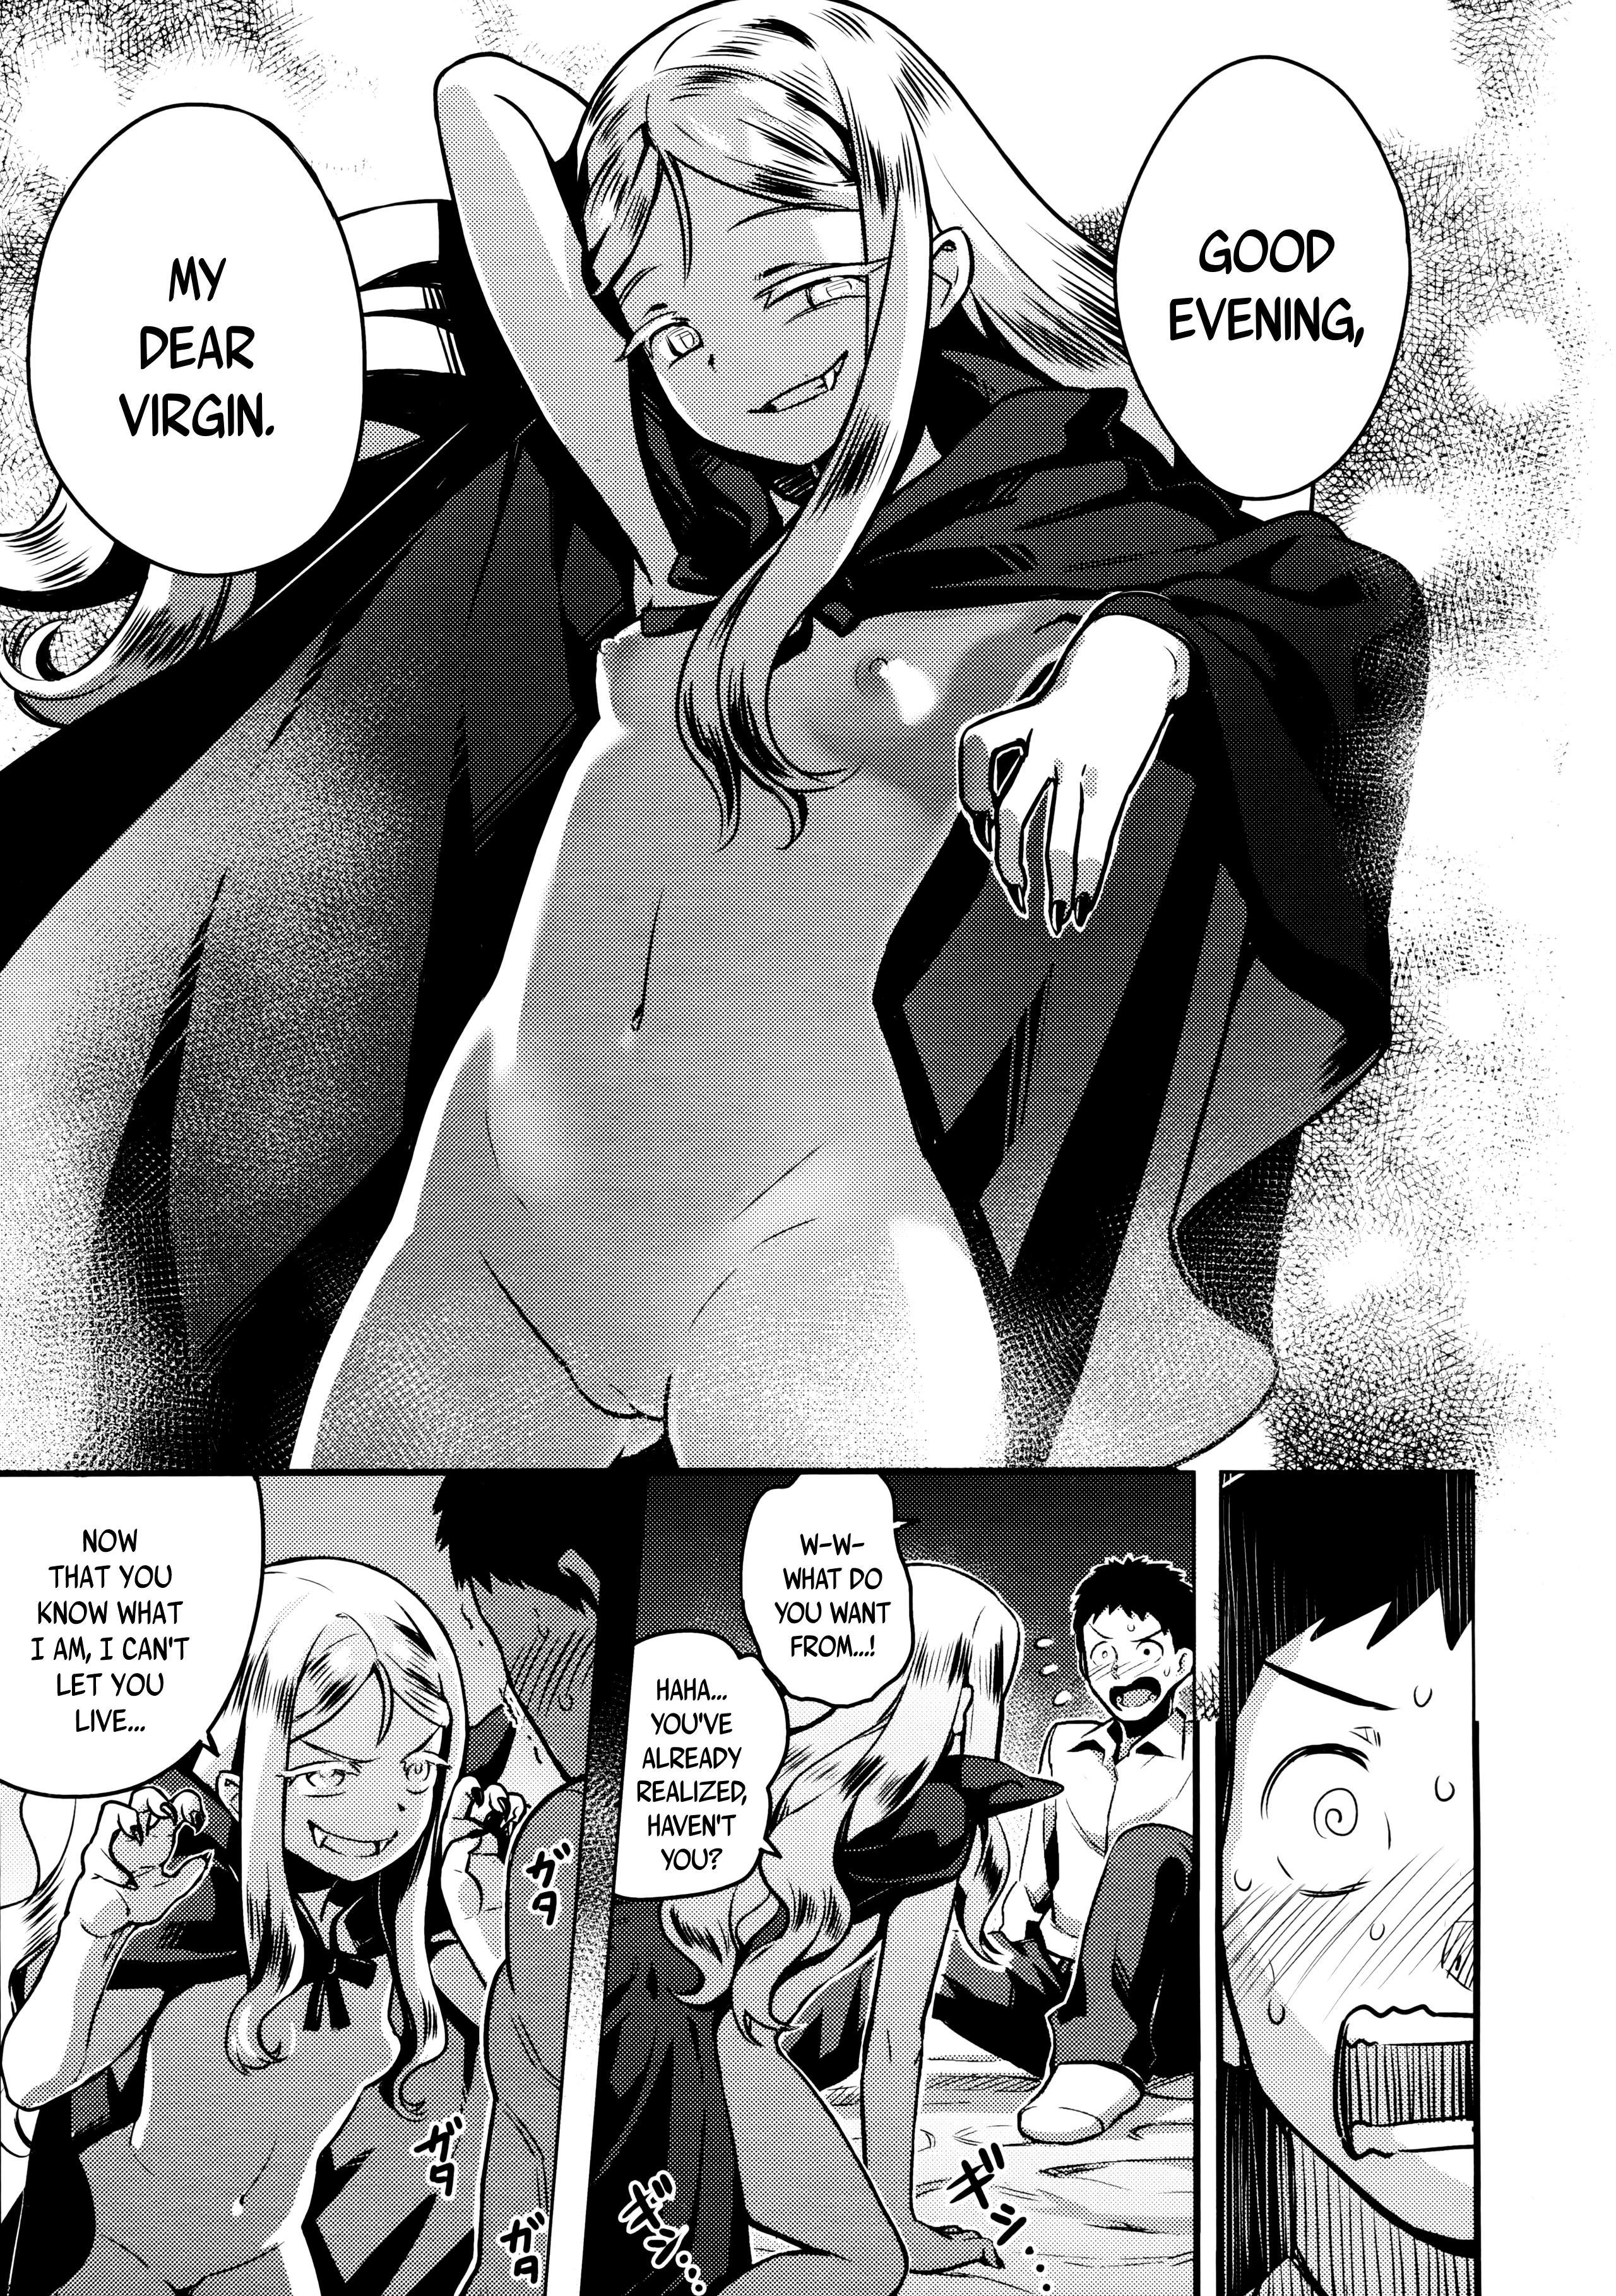 Yupiel-sama no Geboku | Lady Yupiel's Servant 10